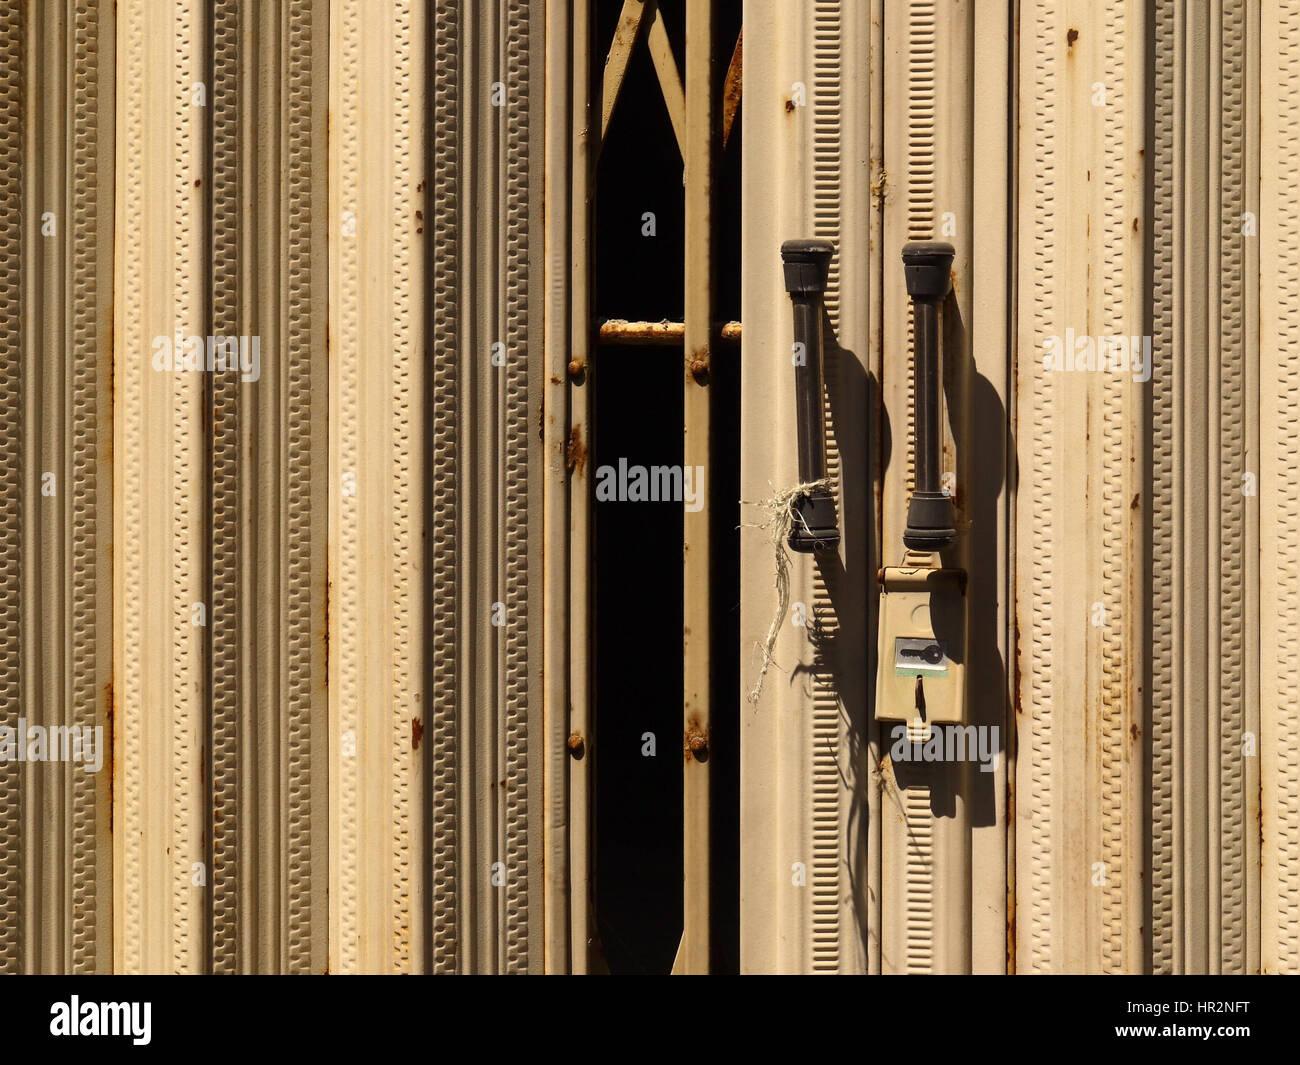 Ziehharmonika Türen ziehharmonika türen | gartentore einfahrtstore für ihr haus nach maß